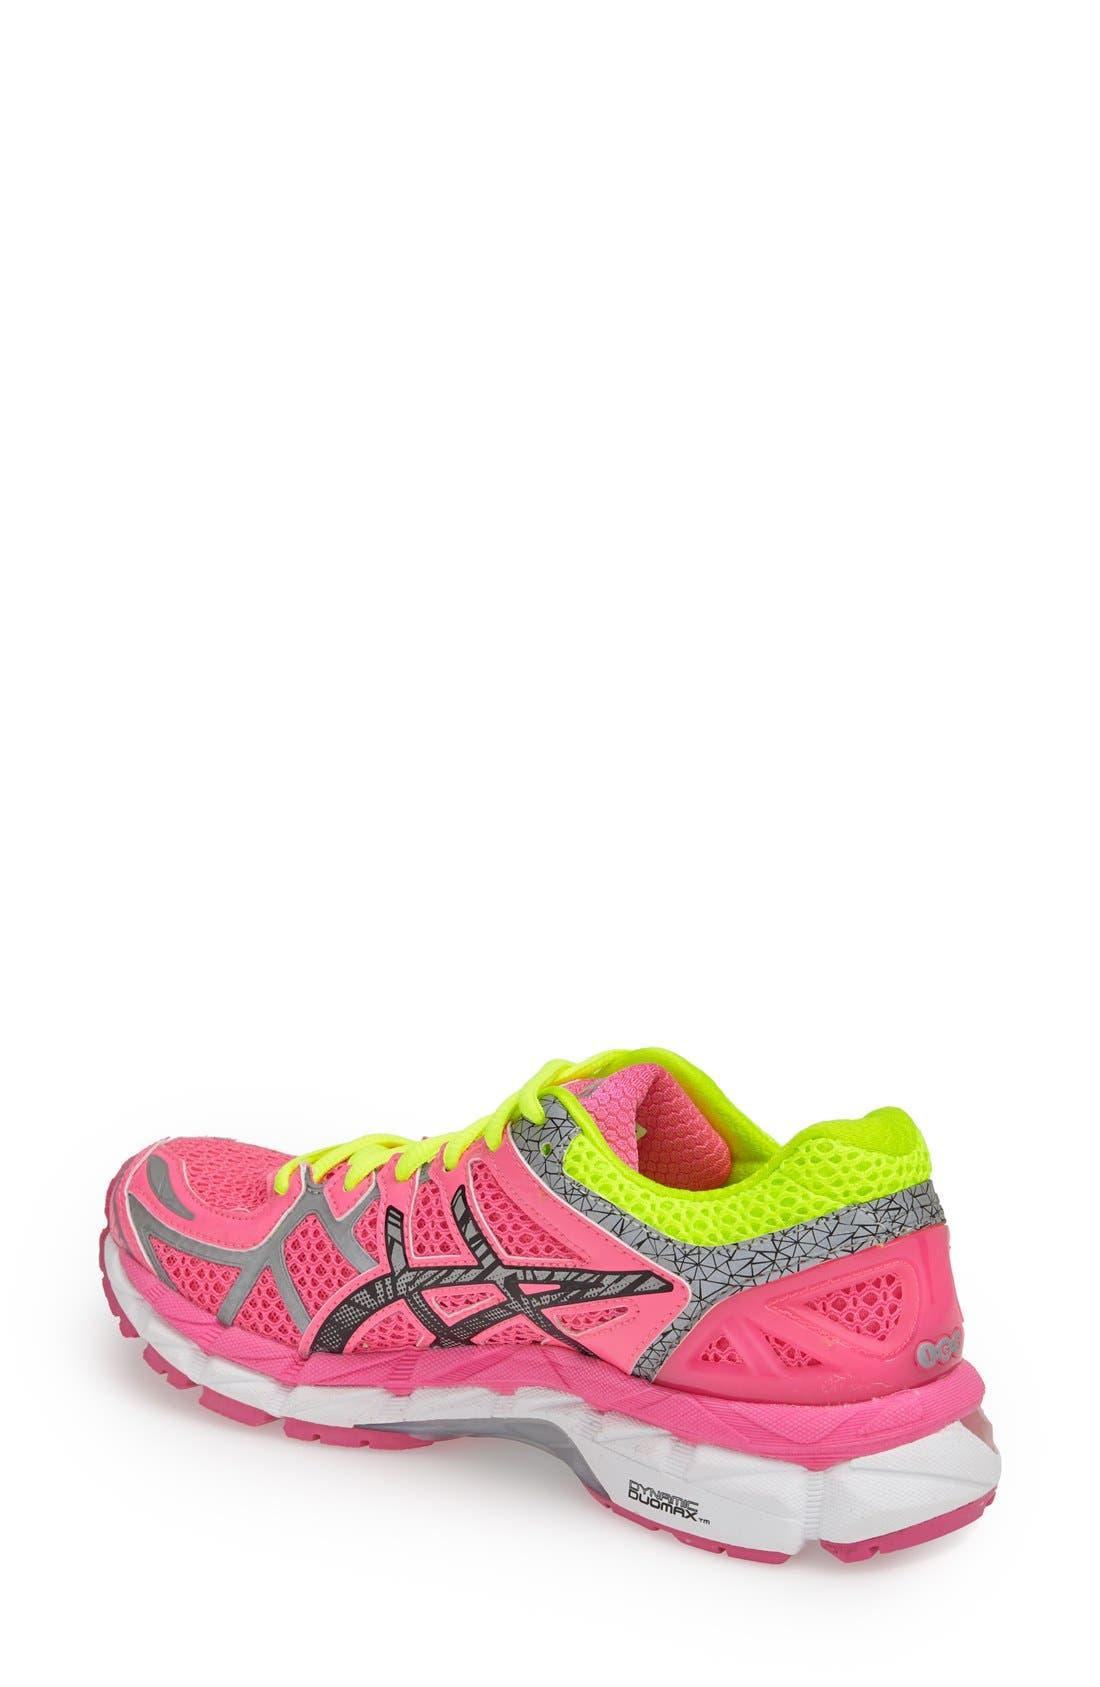 ASICS 'GEL-Kayano<sup>®</sup> 21' Running Shoe,                             Alternate thumbnail 2, color,